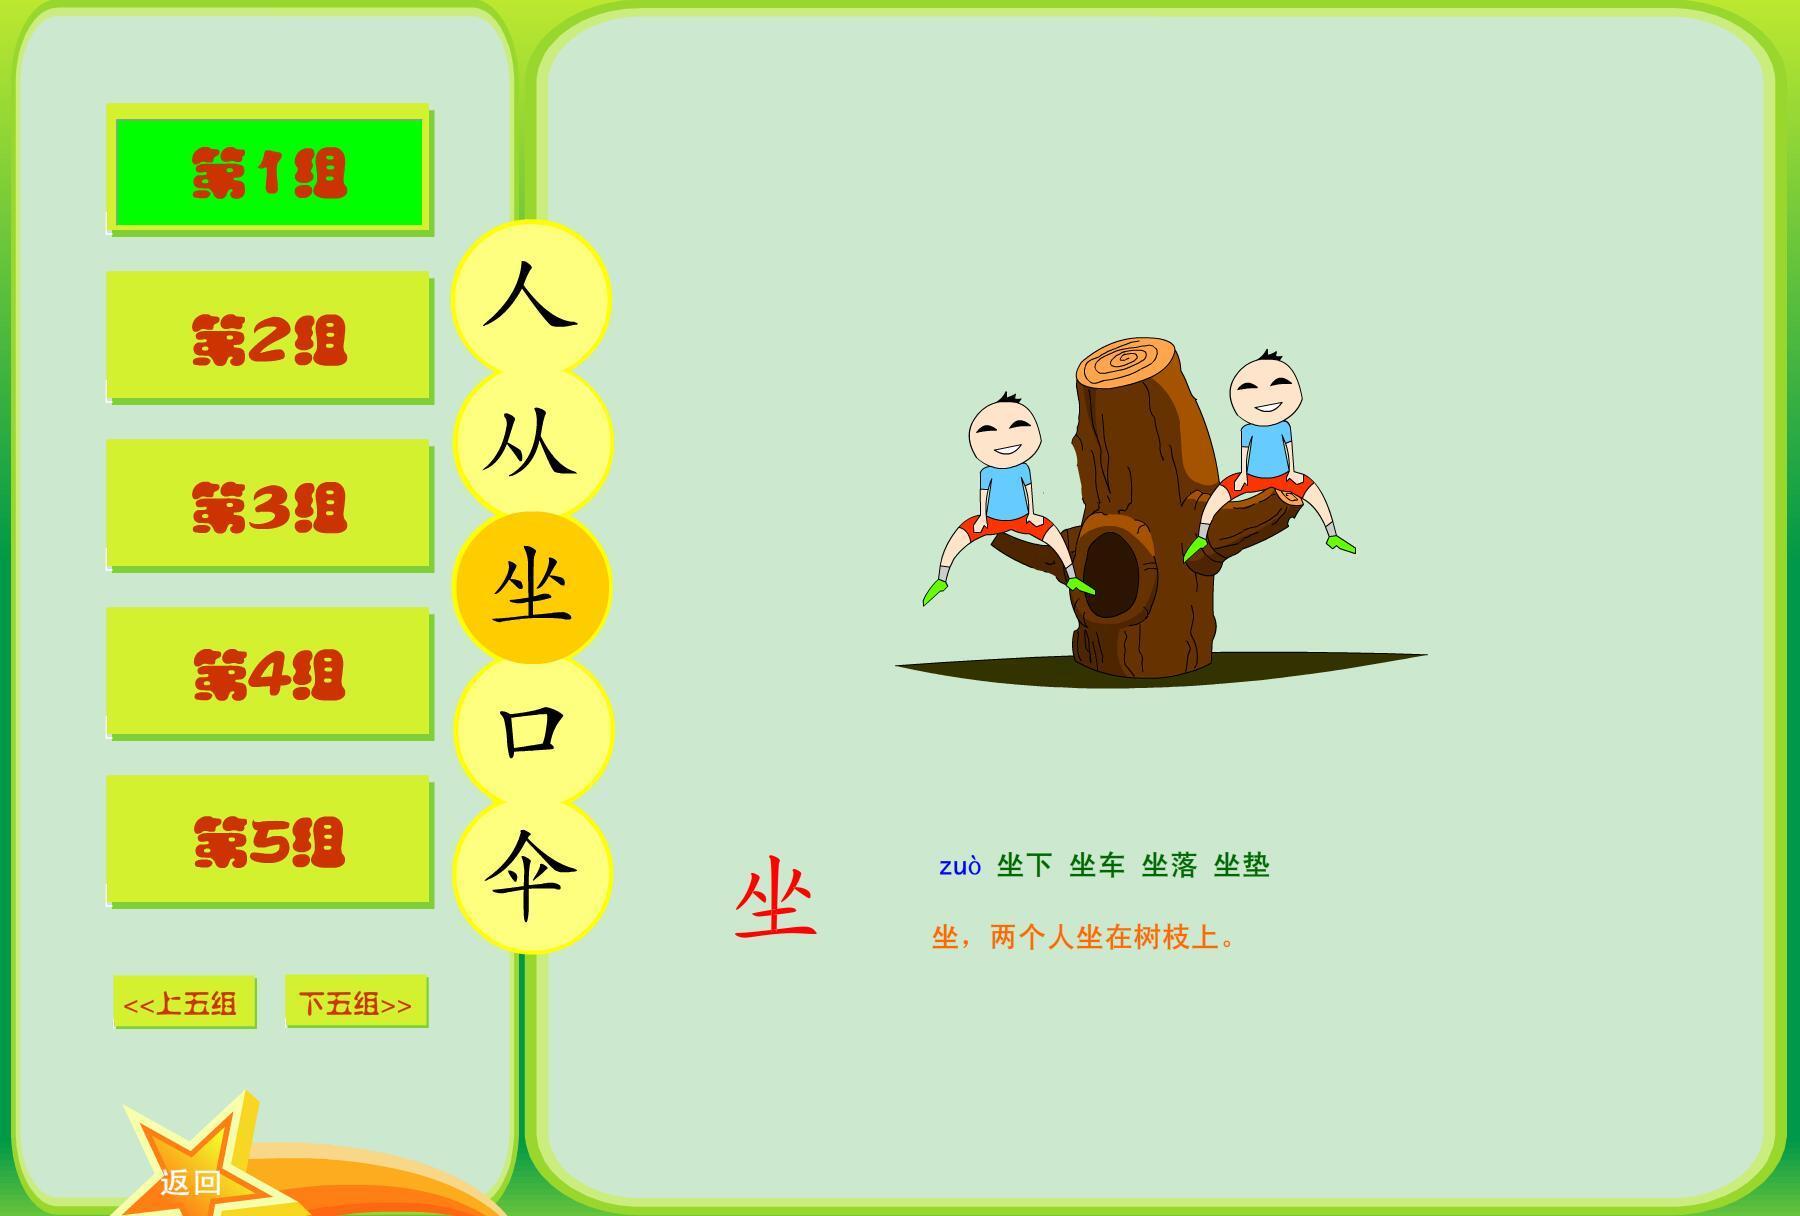 幼儿识字软件,内置4500字,动画演变生动形象图片 No.2